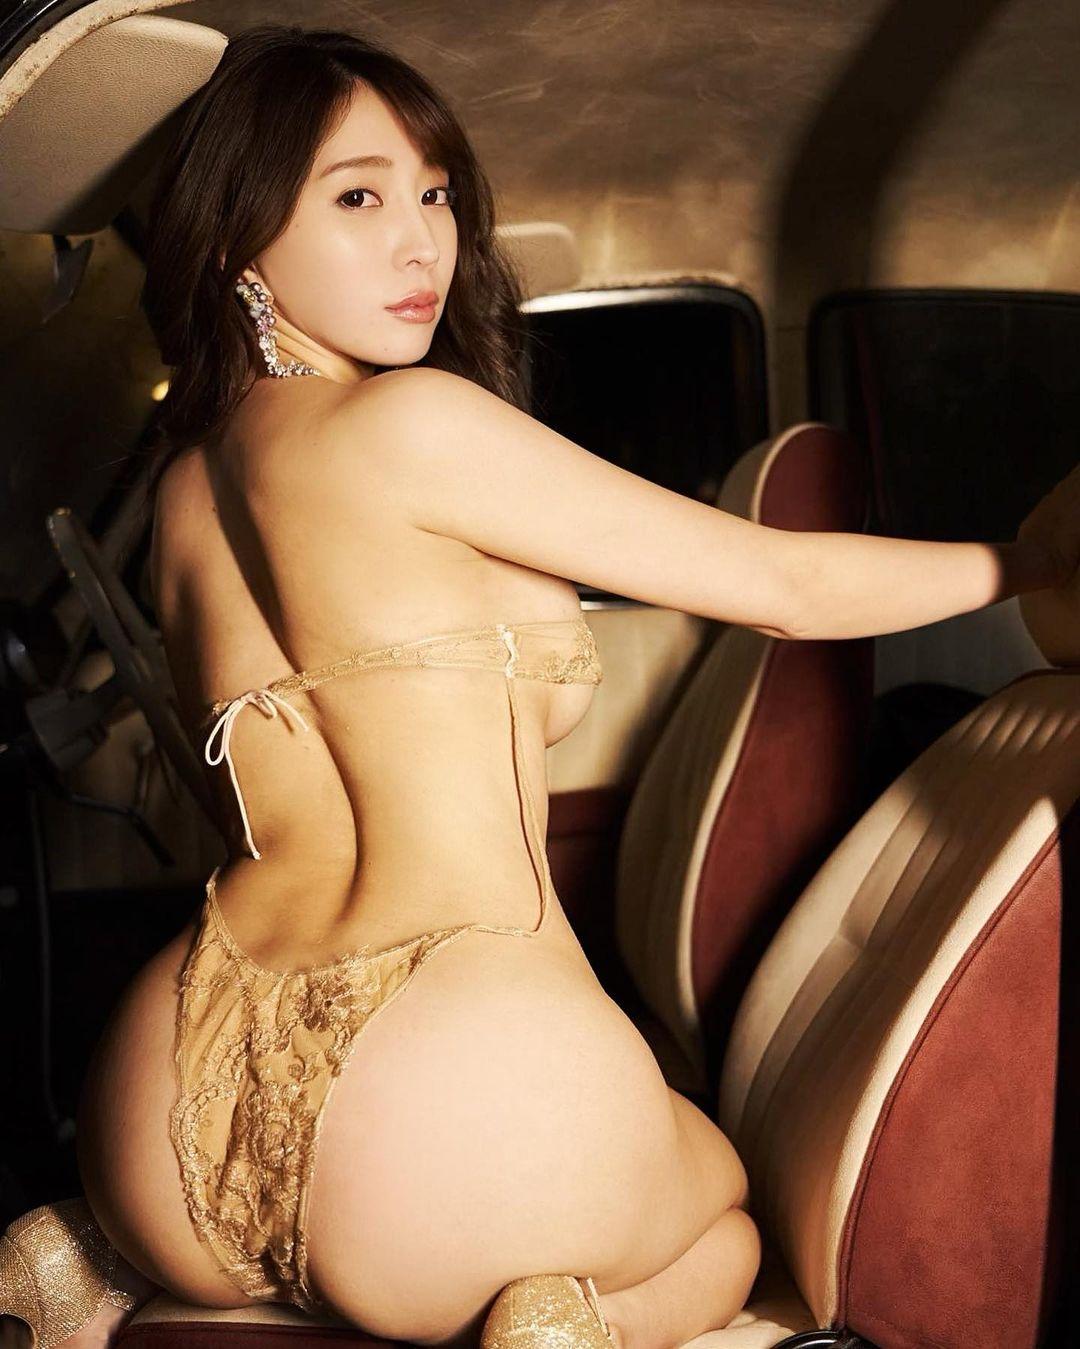 セクシーな振り向きショットでファンを魅了【森咲智美さん/2021年1月26日】